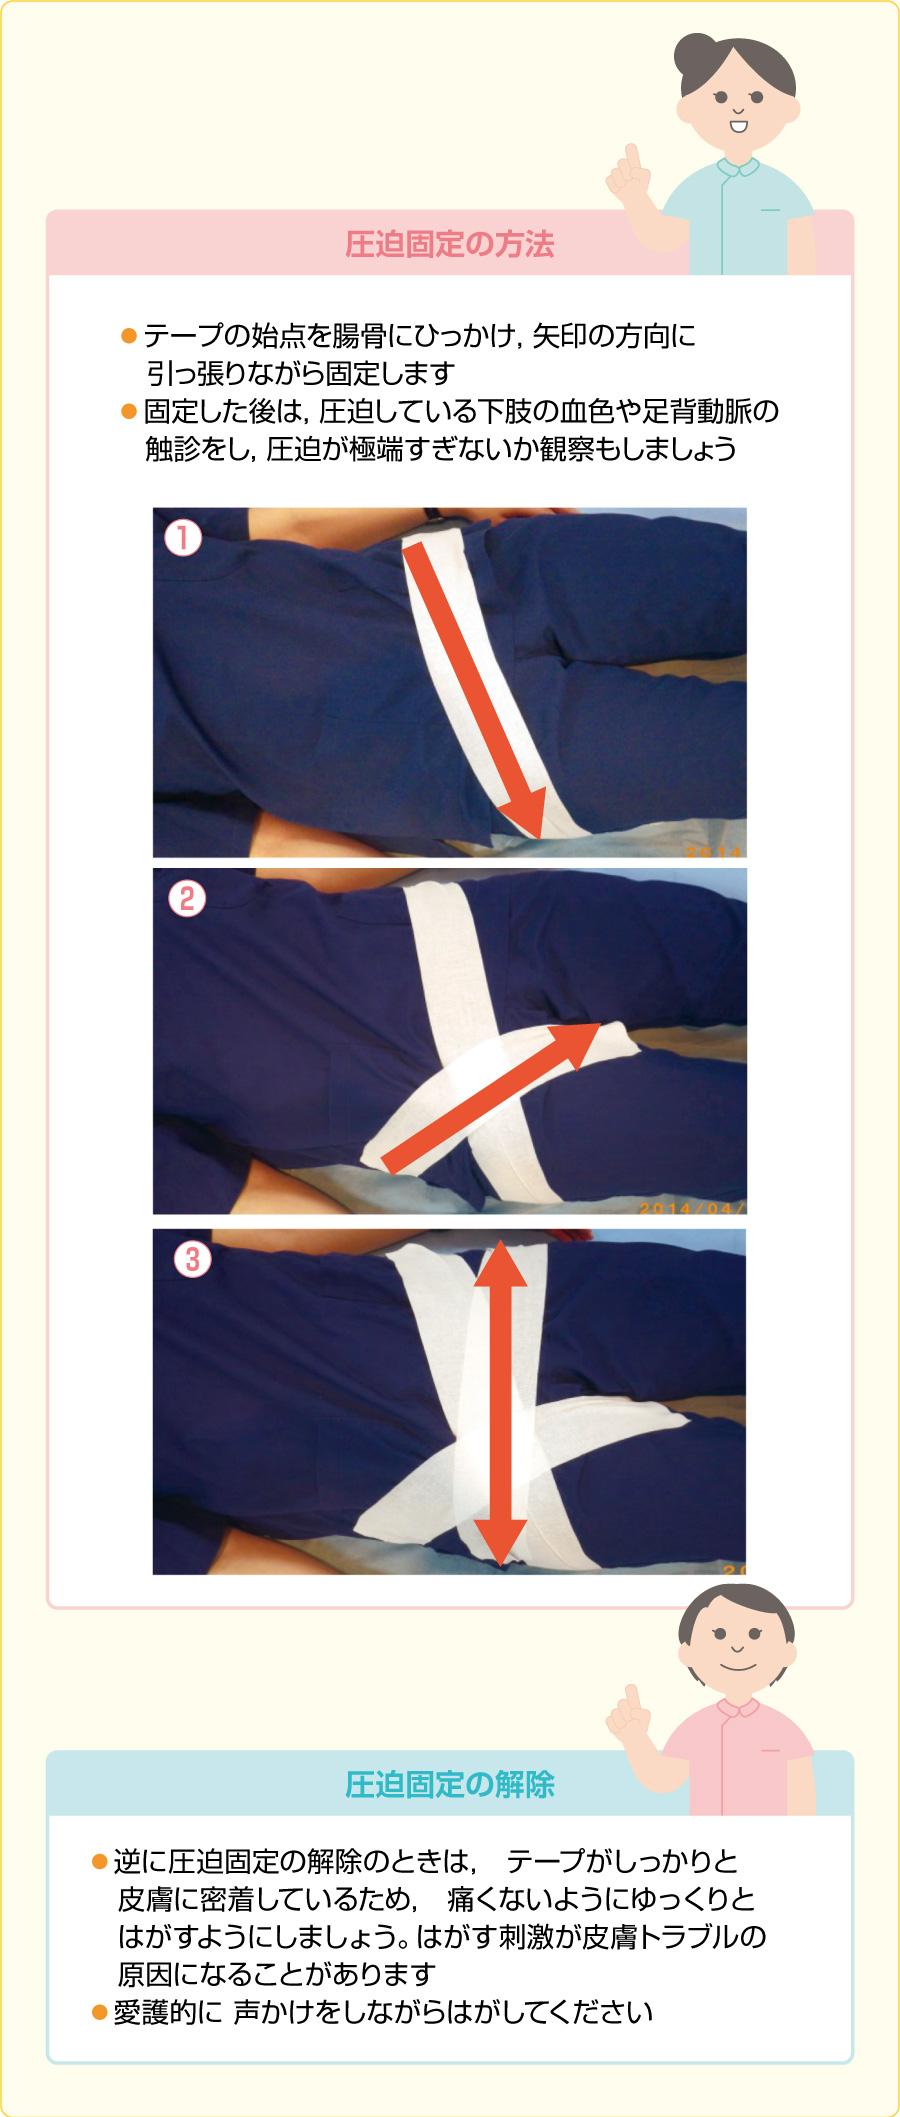 大腿動脈の圧迫固定方法